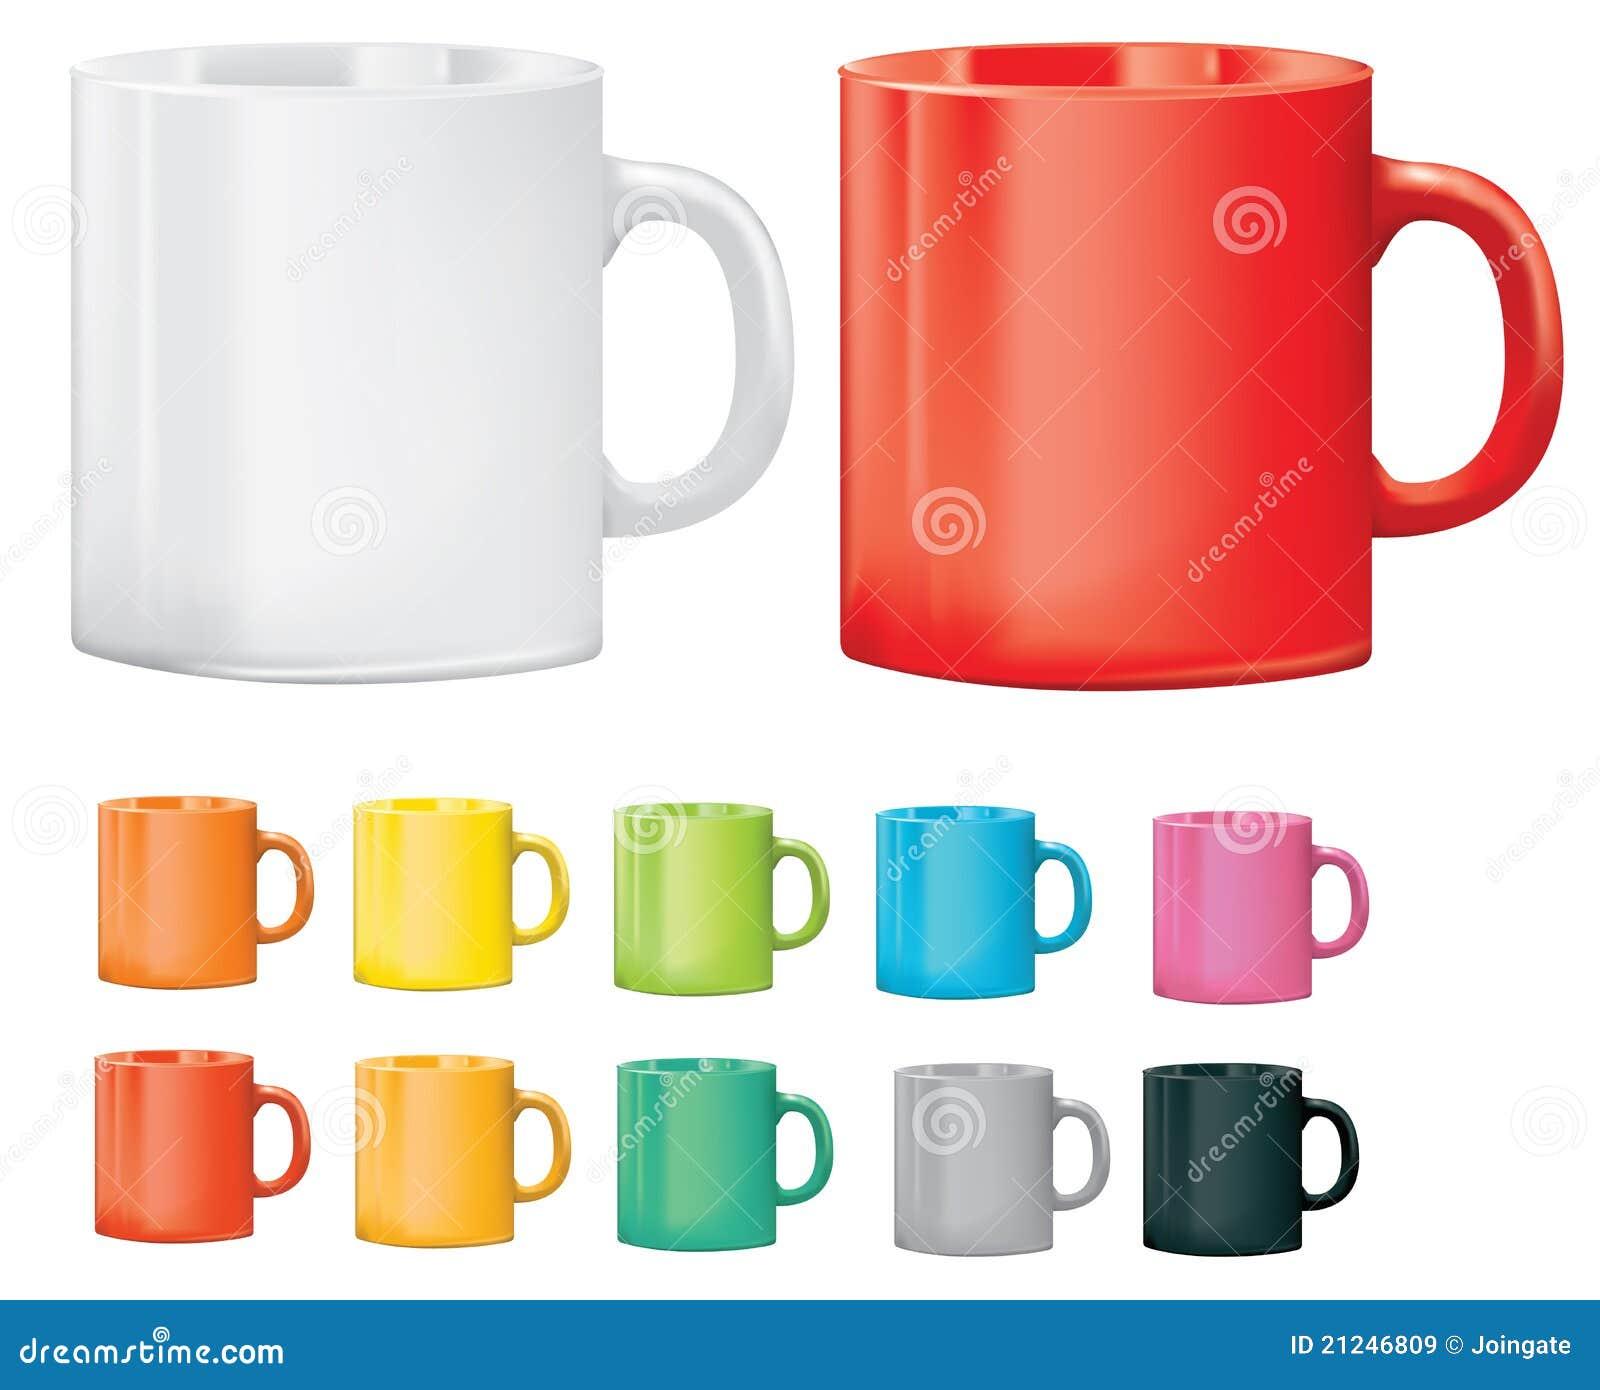 Selectie van koppen of mokken in verschillende kleuren royalty vrije stock afbeeldingen - Kleur selectie ...